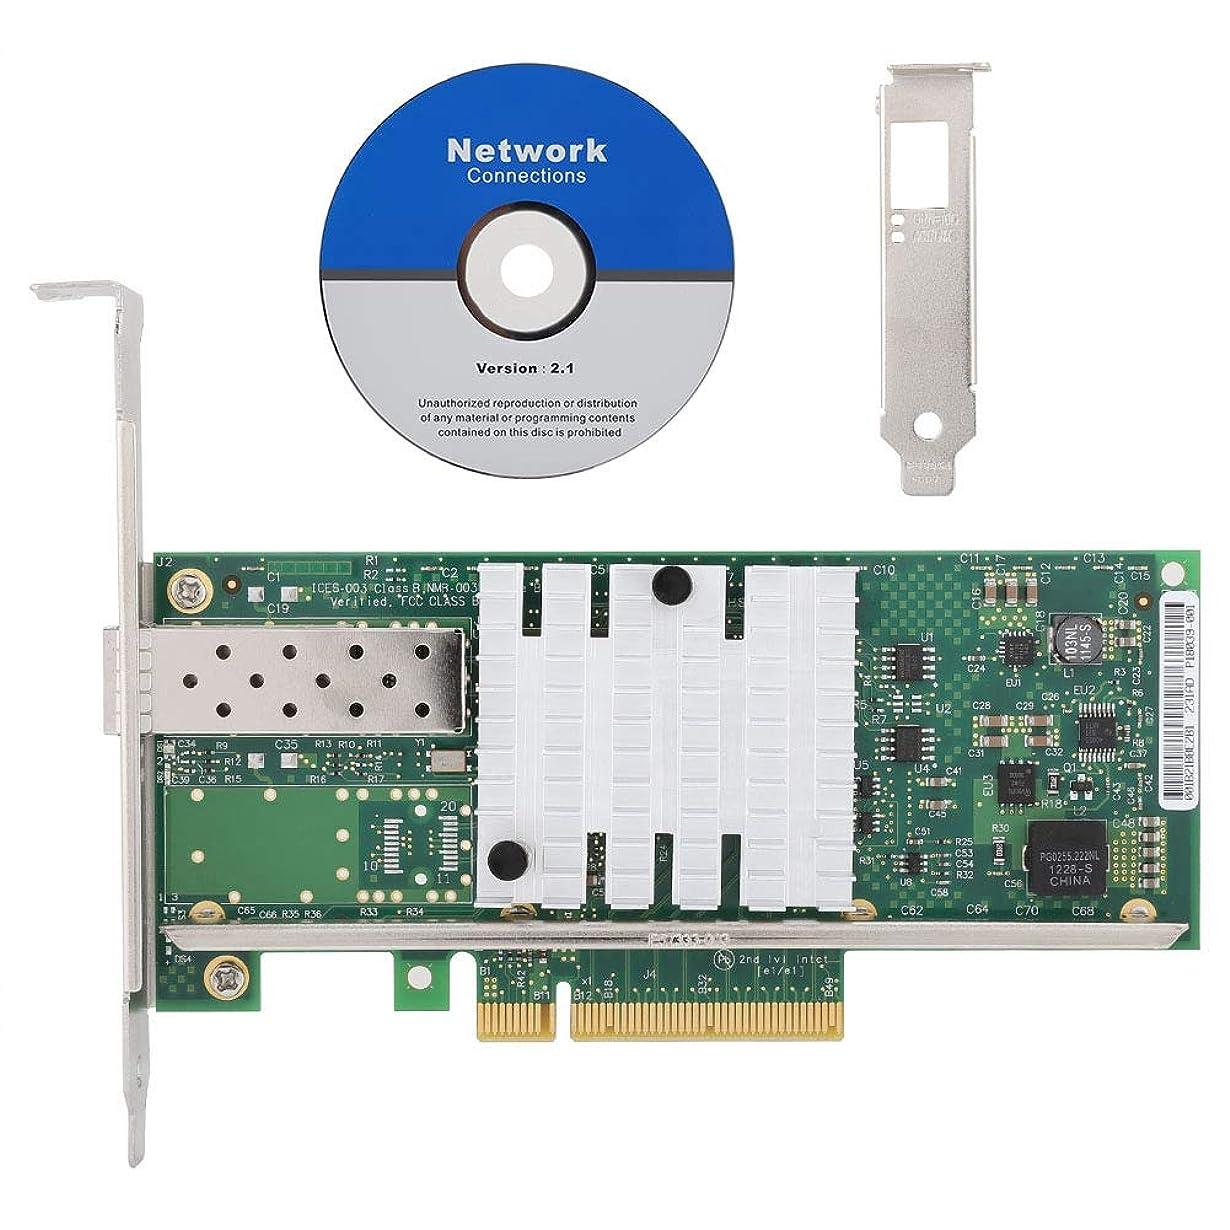 運賃俳優近代化X520-DA1ネットワークカードイーサネットサーバーアダプター、INTEL X520-DA1 82599EN PCI-E用シングルポート10G SFPファイバーネットワークカード